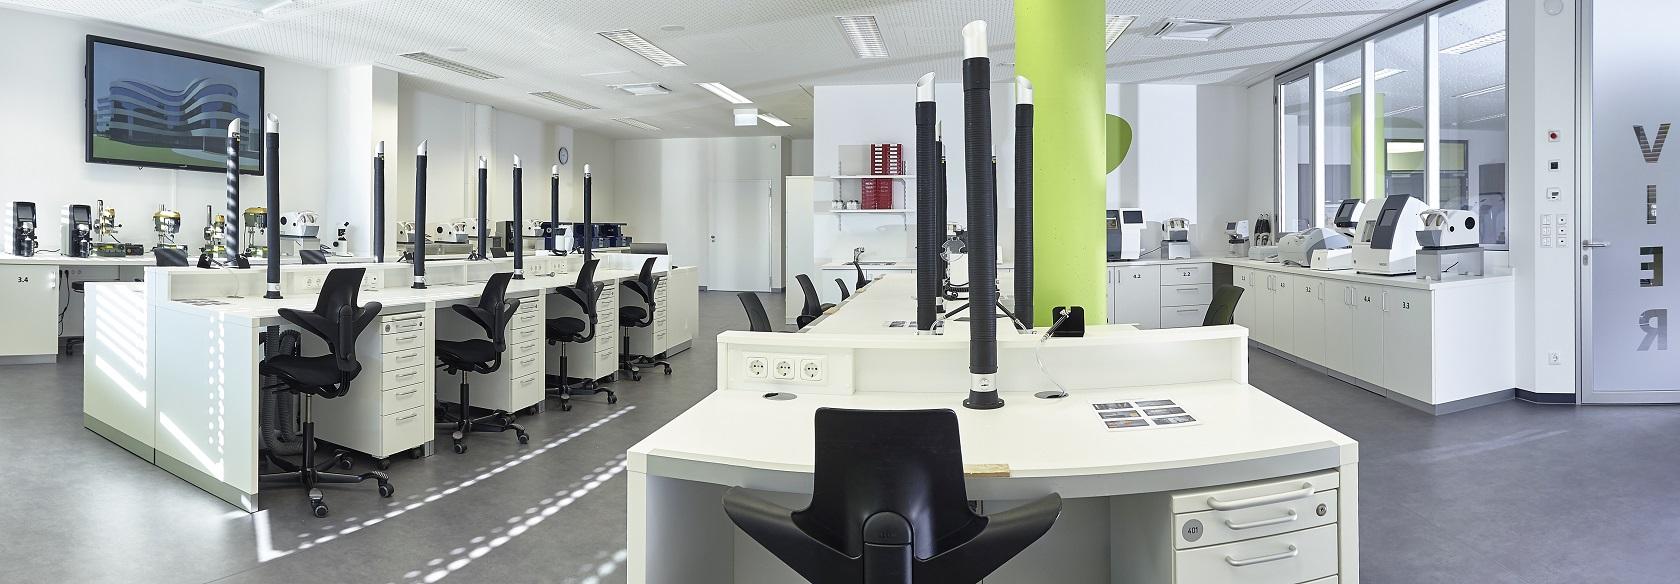 Aus- und Weiterbildungszentrum Panorama AB 4